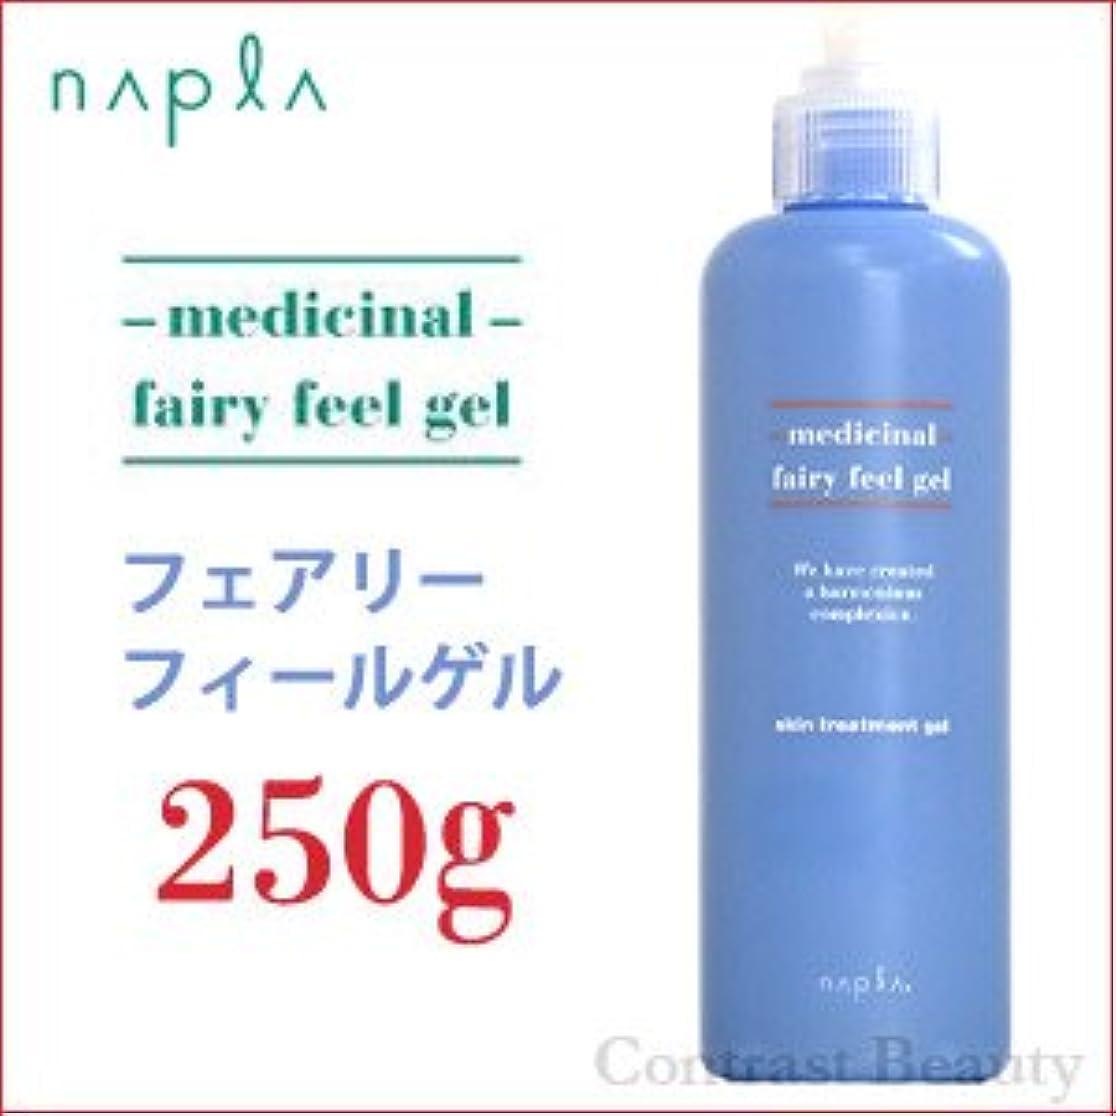 完全にヒョウ適合【X4個セット】 ナプラ 薬用フェアリーフィールゲル 250g